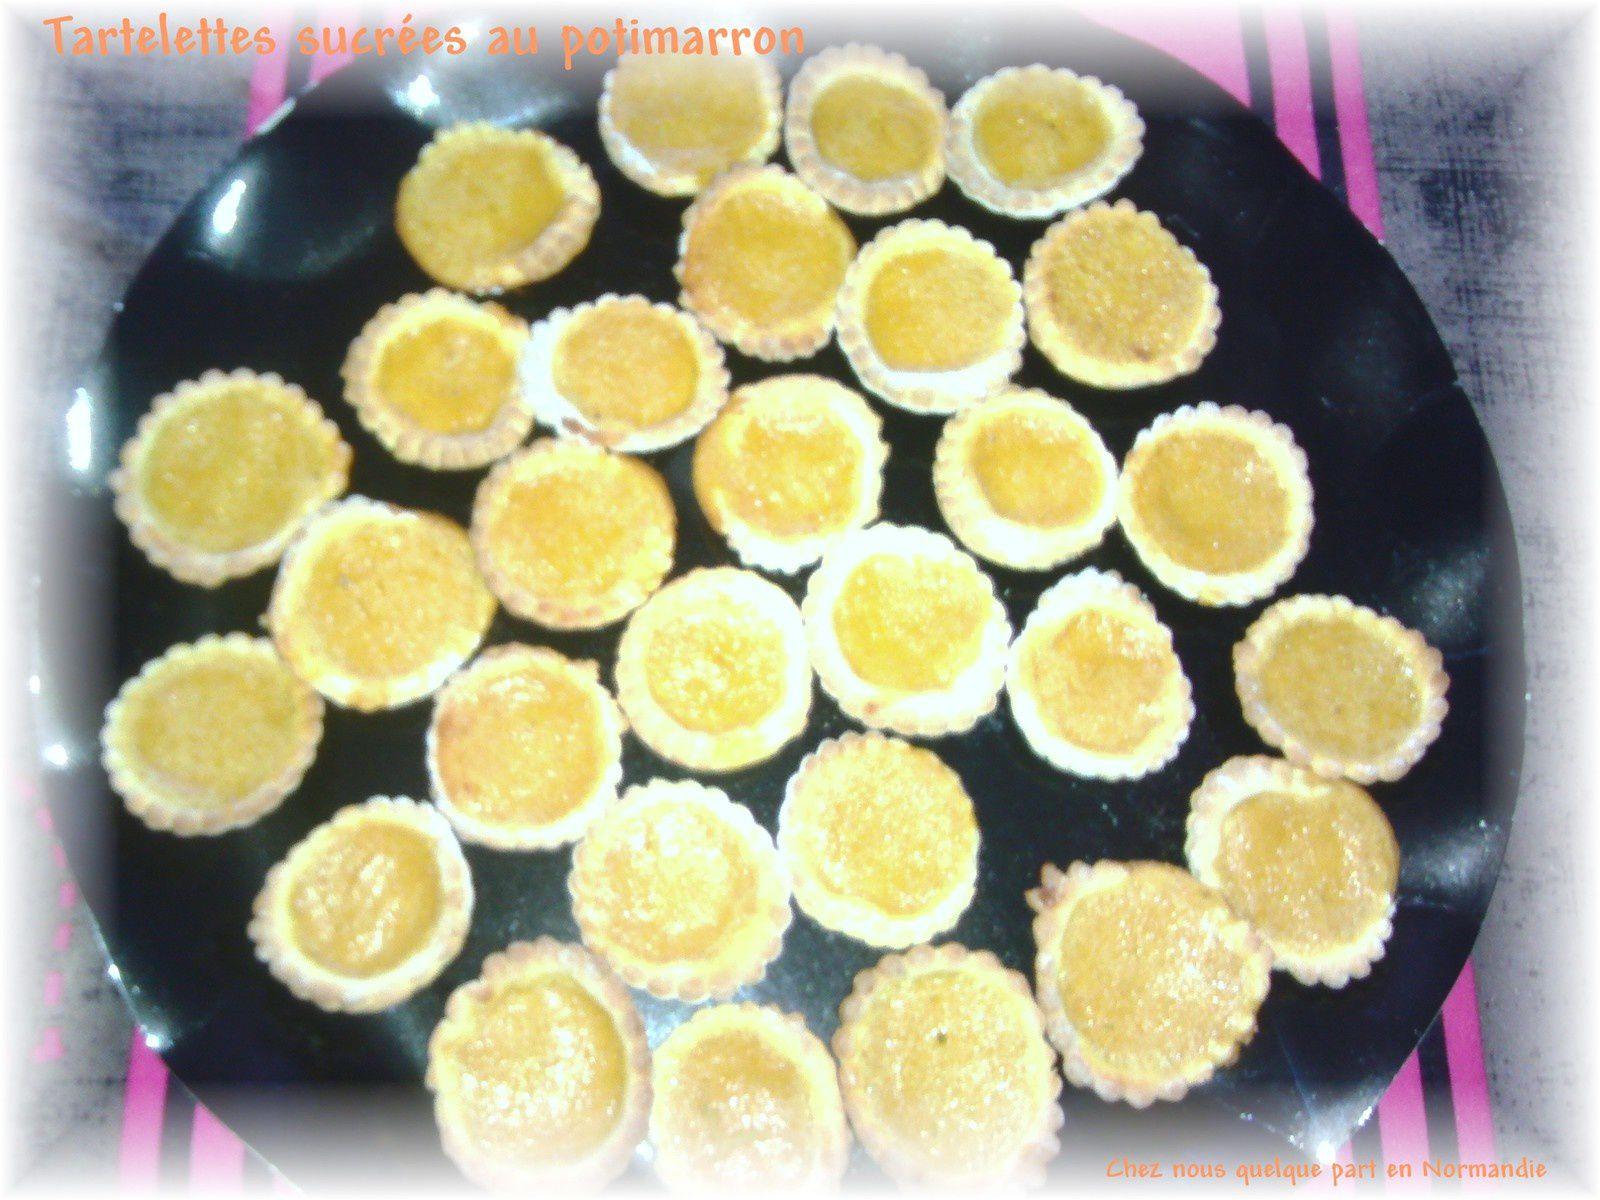 Tartelettes sucrées au potimarron